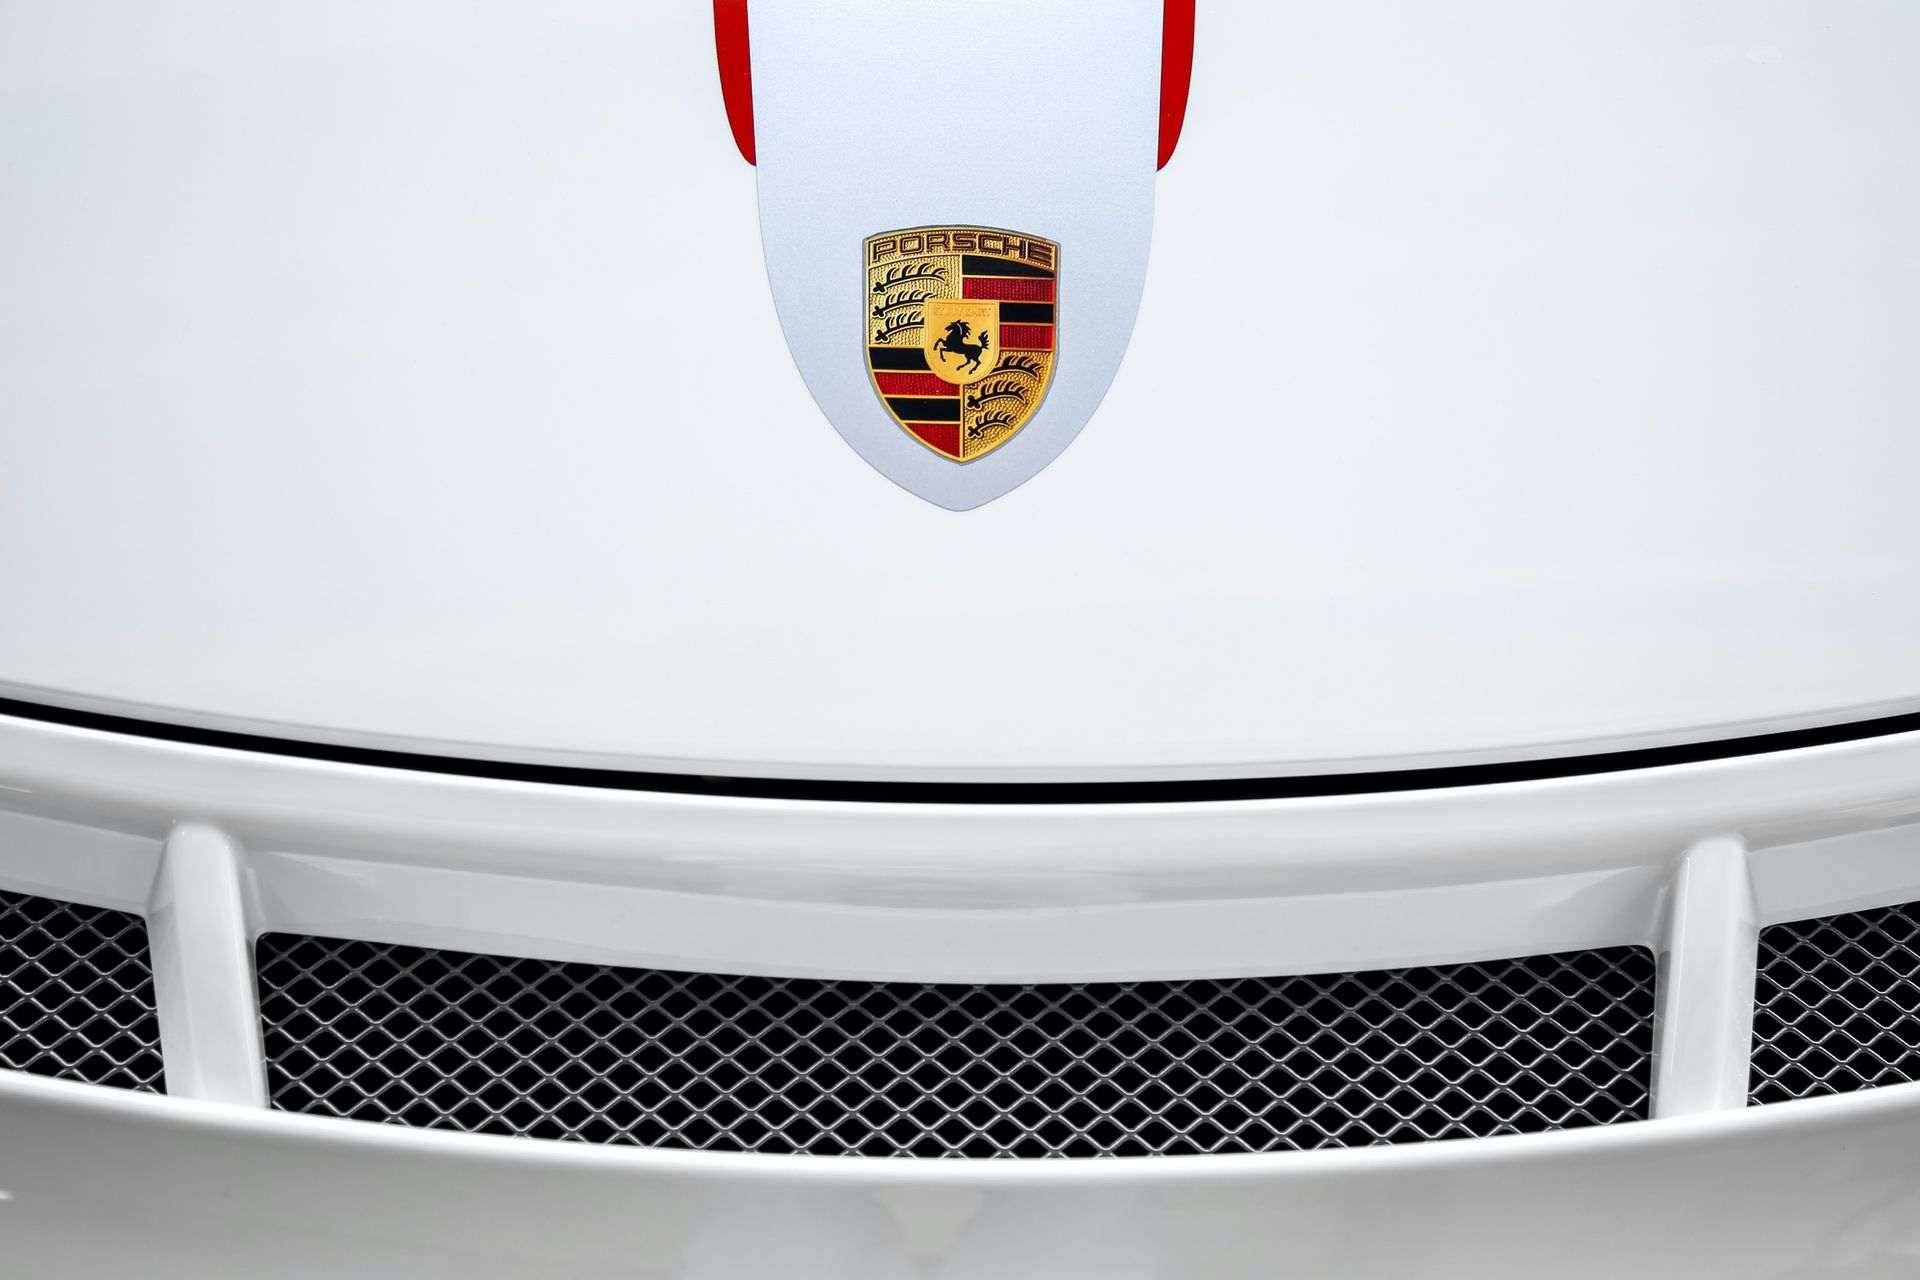 2011_Porsche_911_GT3_RS_4.0_sale_0027